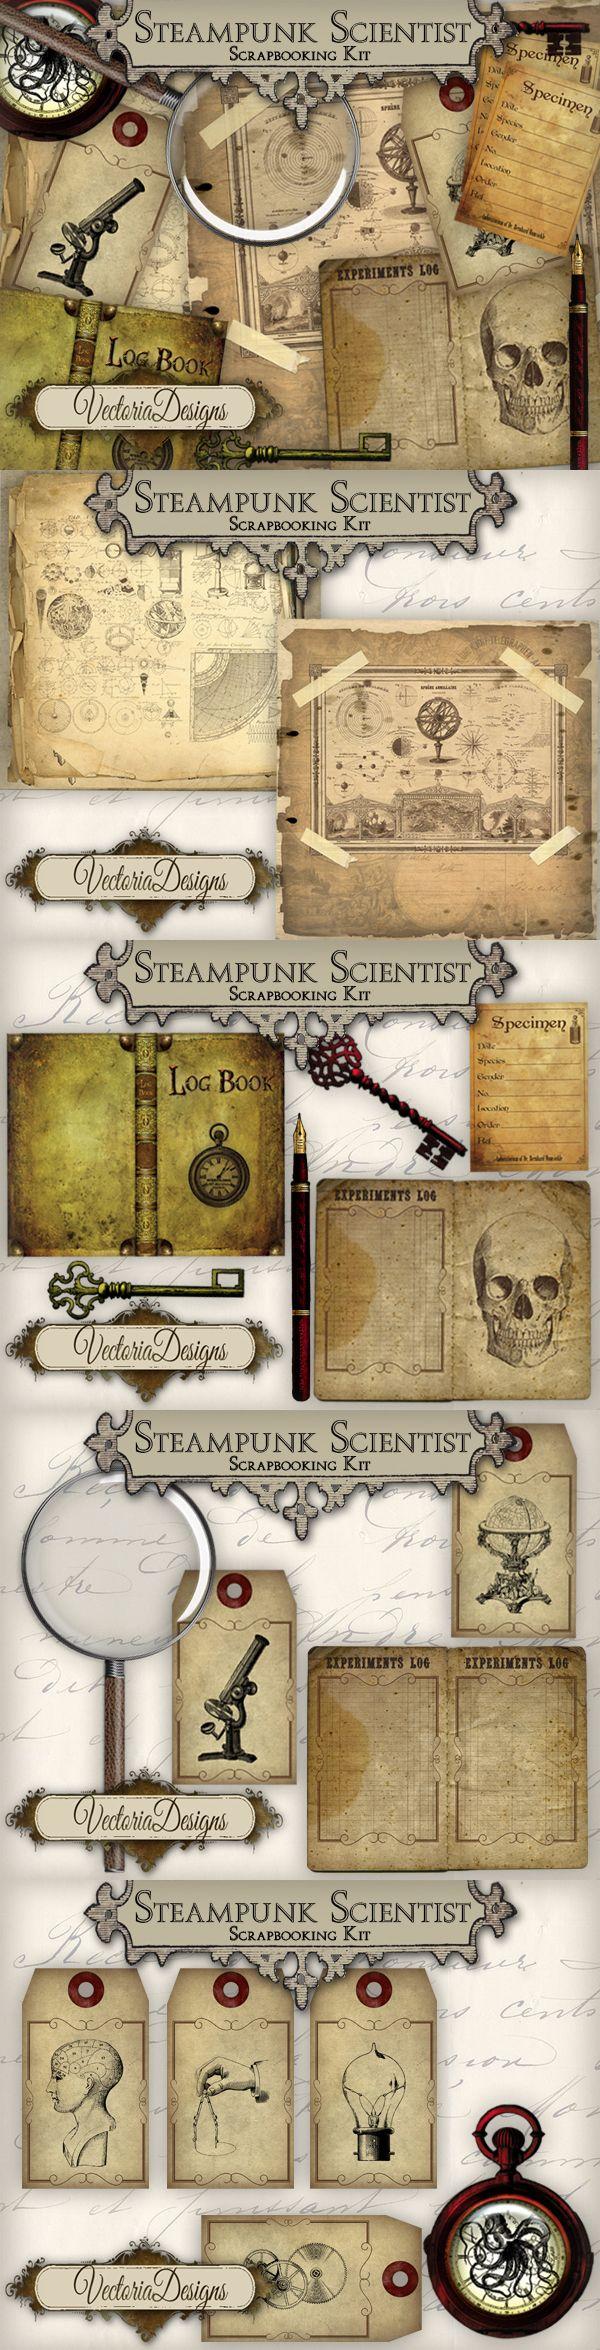 Steampunk Scientist Scrapbooking Kit by VectoriaDesigns.deviantart.com